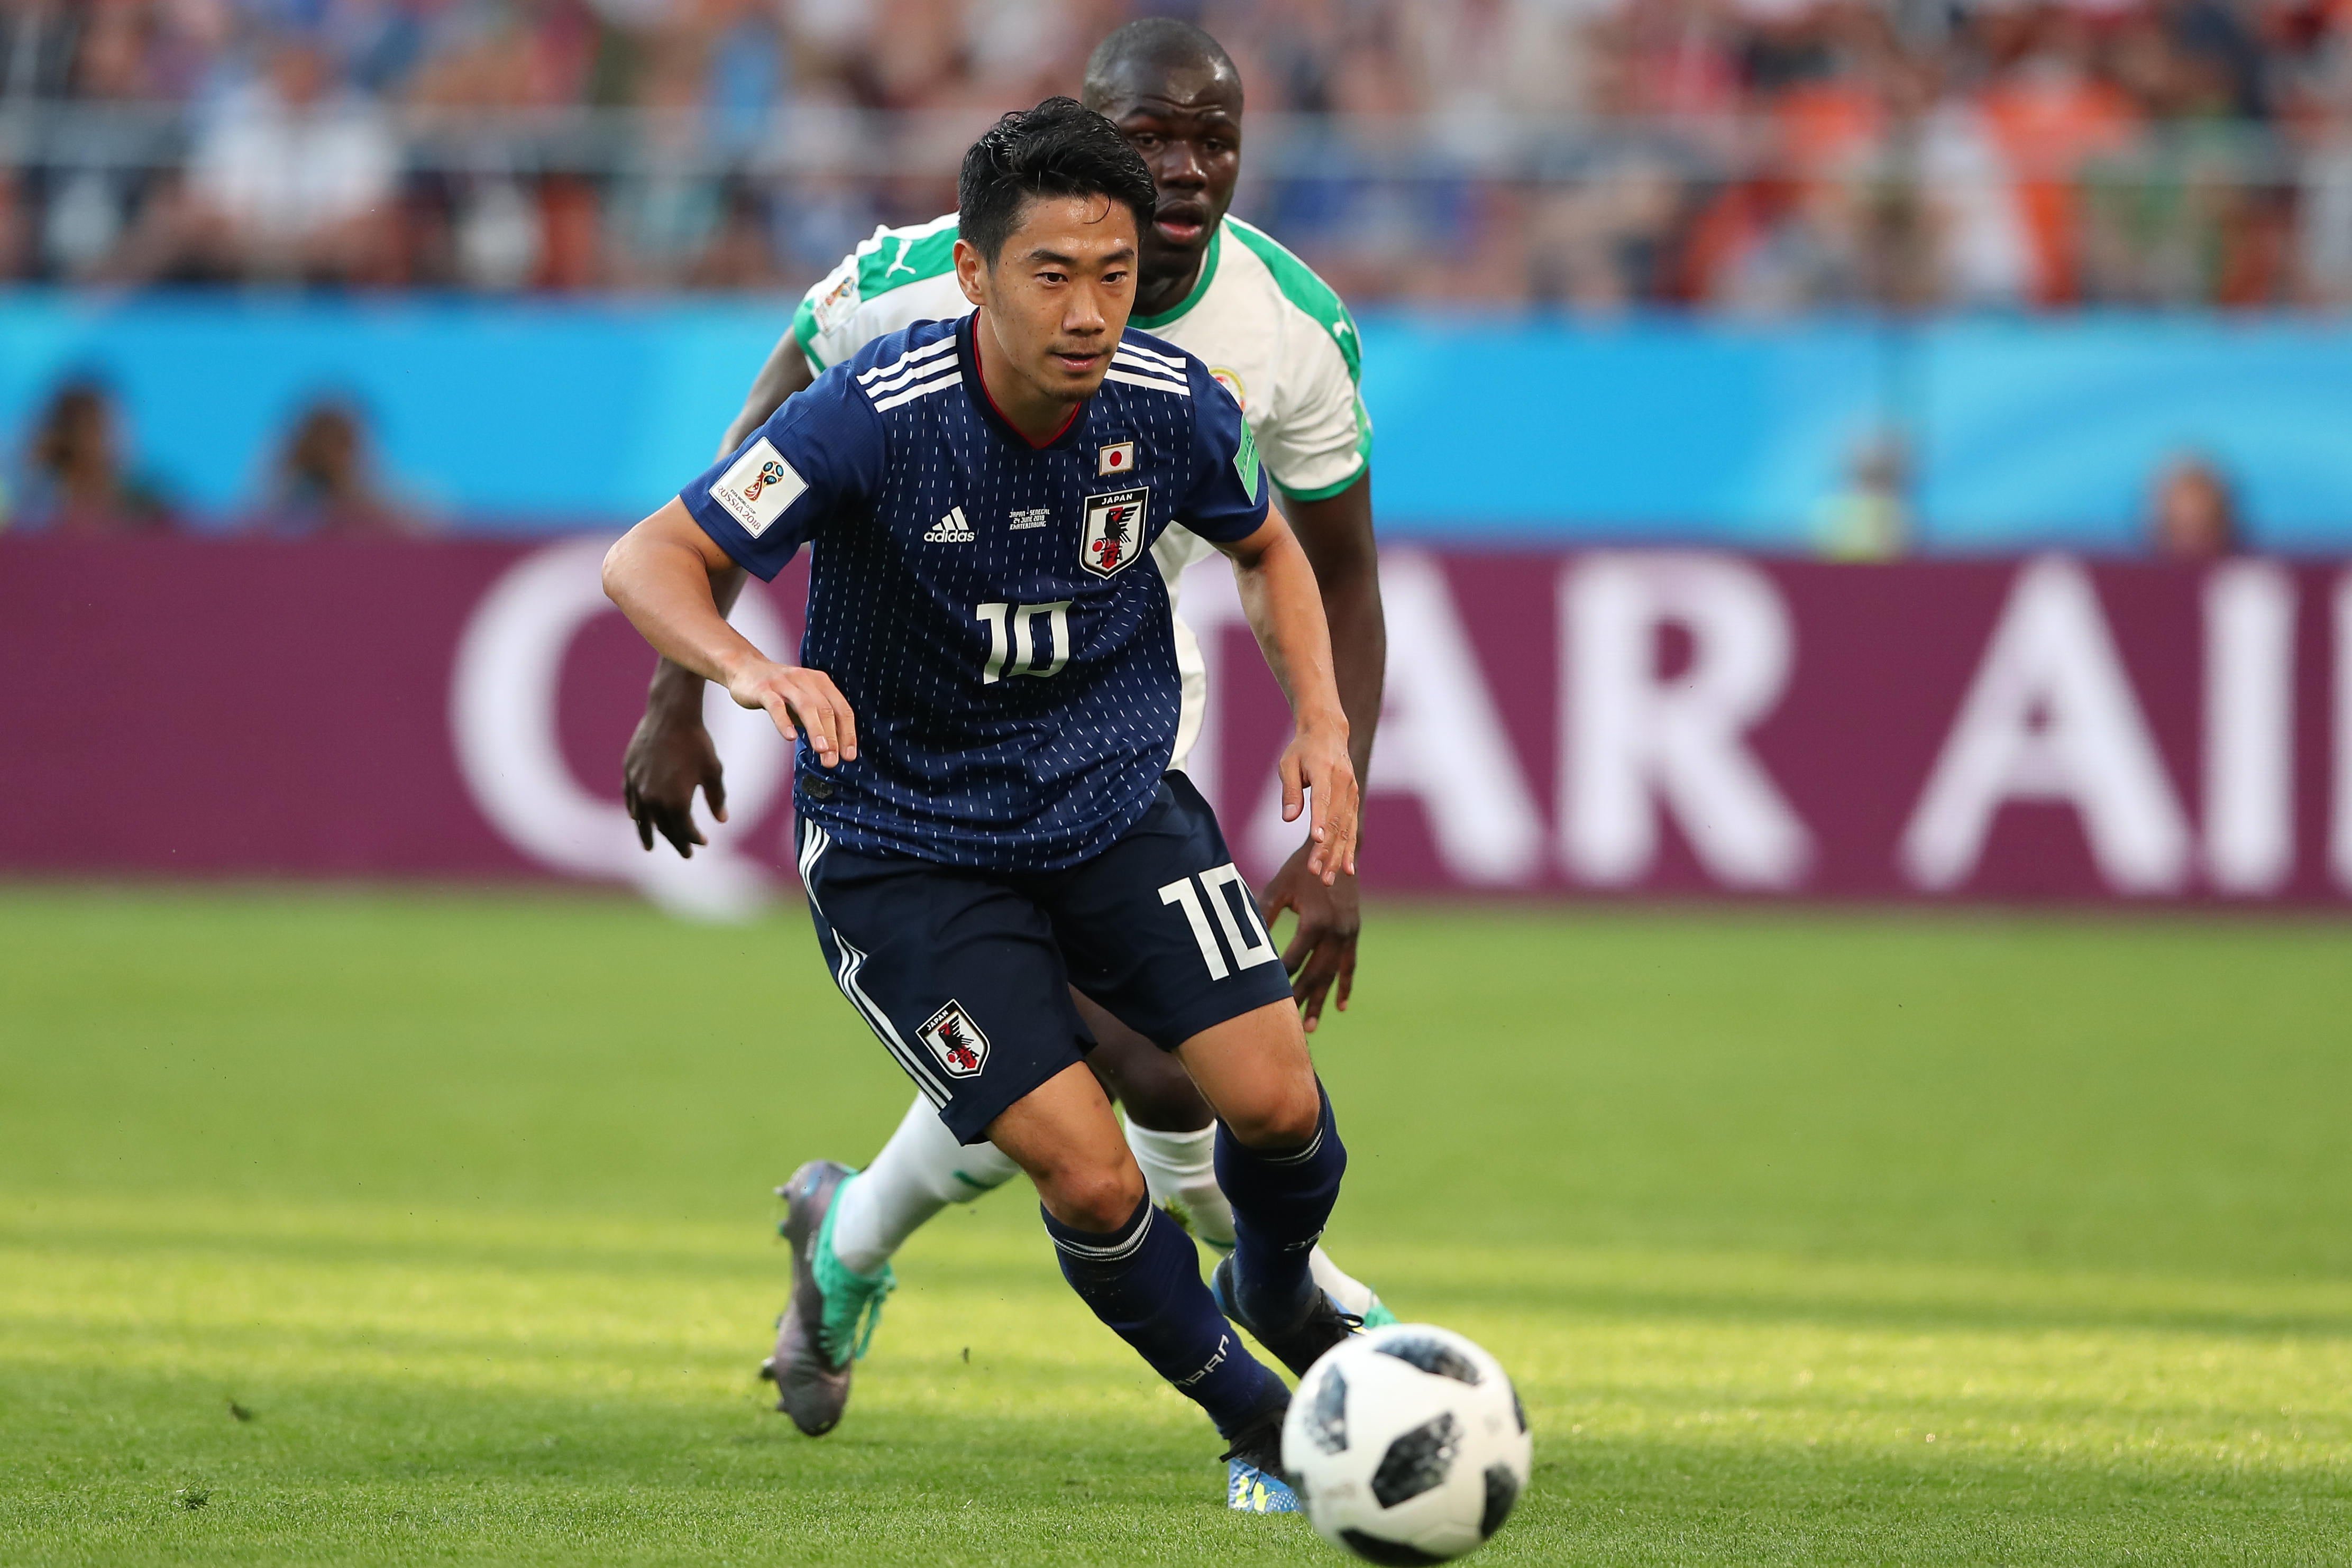 足の速さとサッカーに求められる速さは違う! 香川真司が上手いと言われる3つの理由